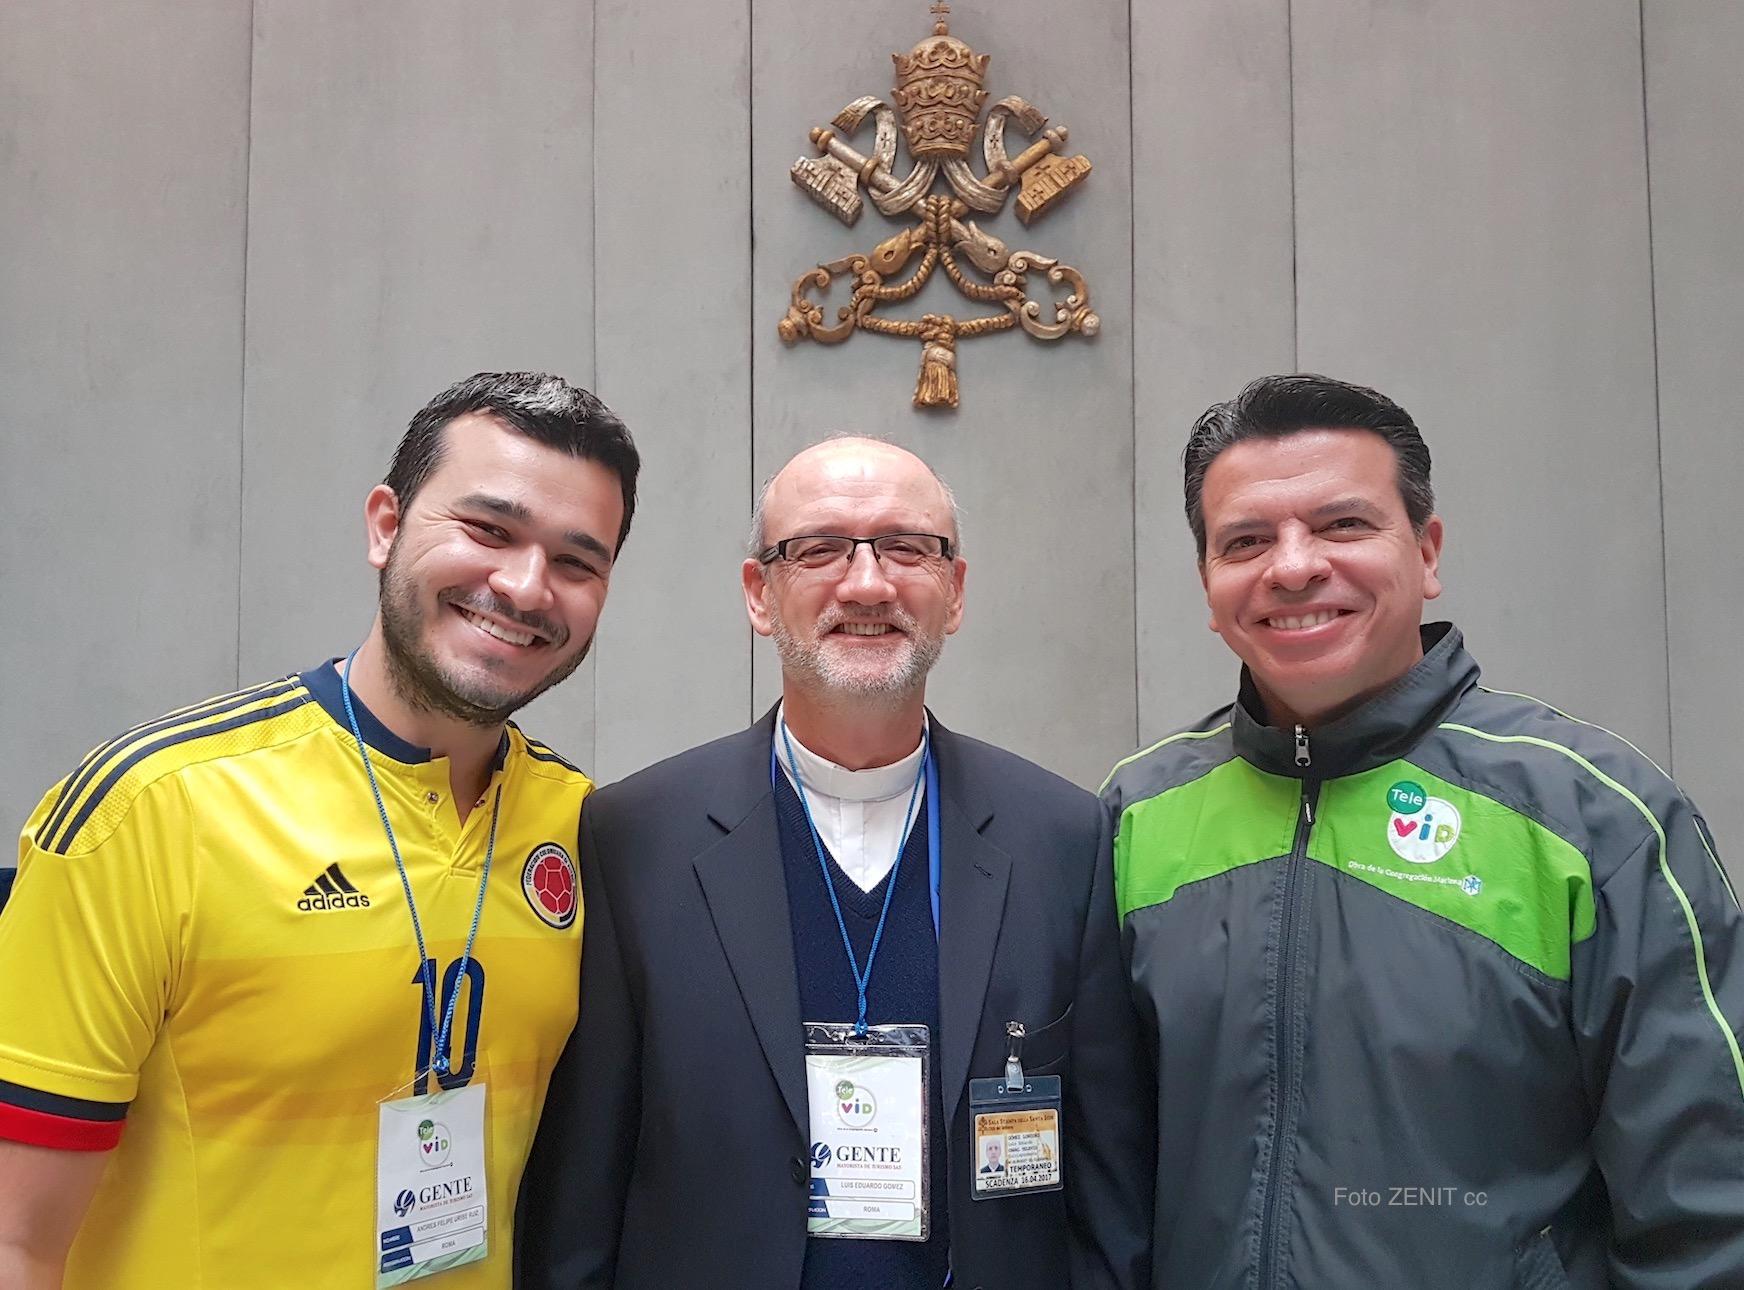 Delegación de Televid, el padre Luis Gomez, el productor Cesar Giraldo, y el joven Andrés Uribe Ruiz